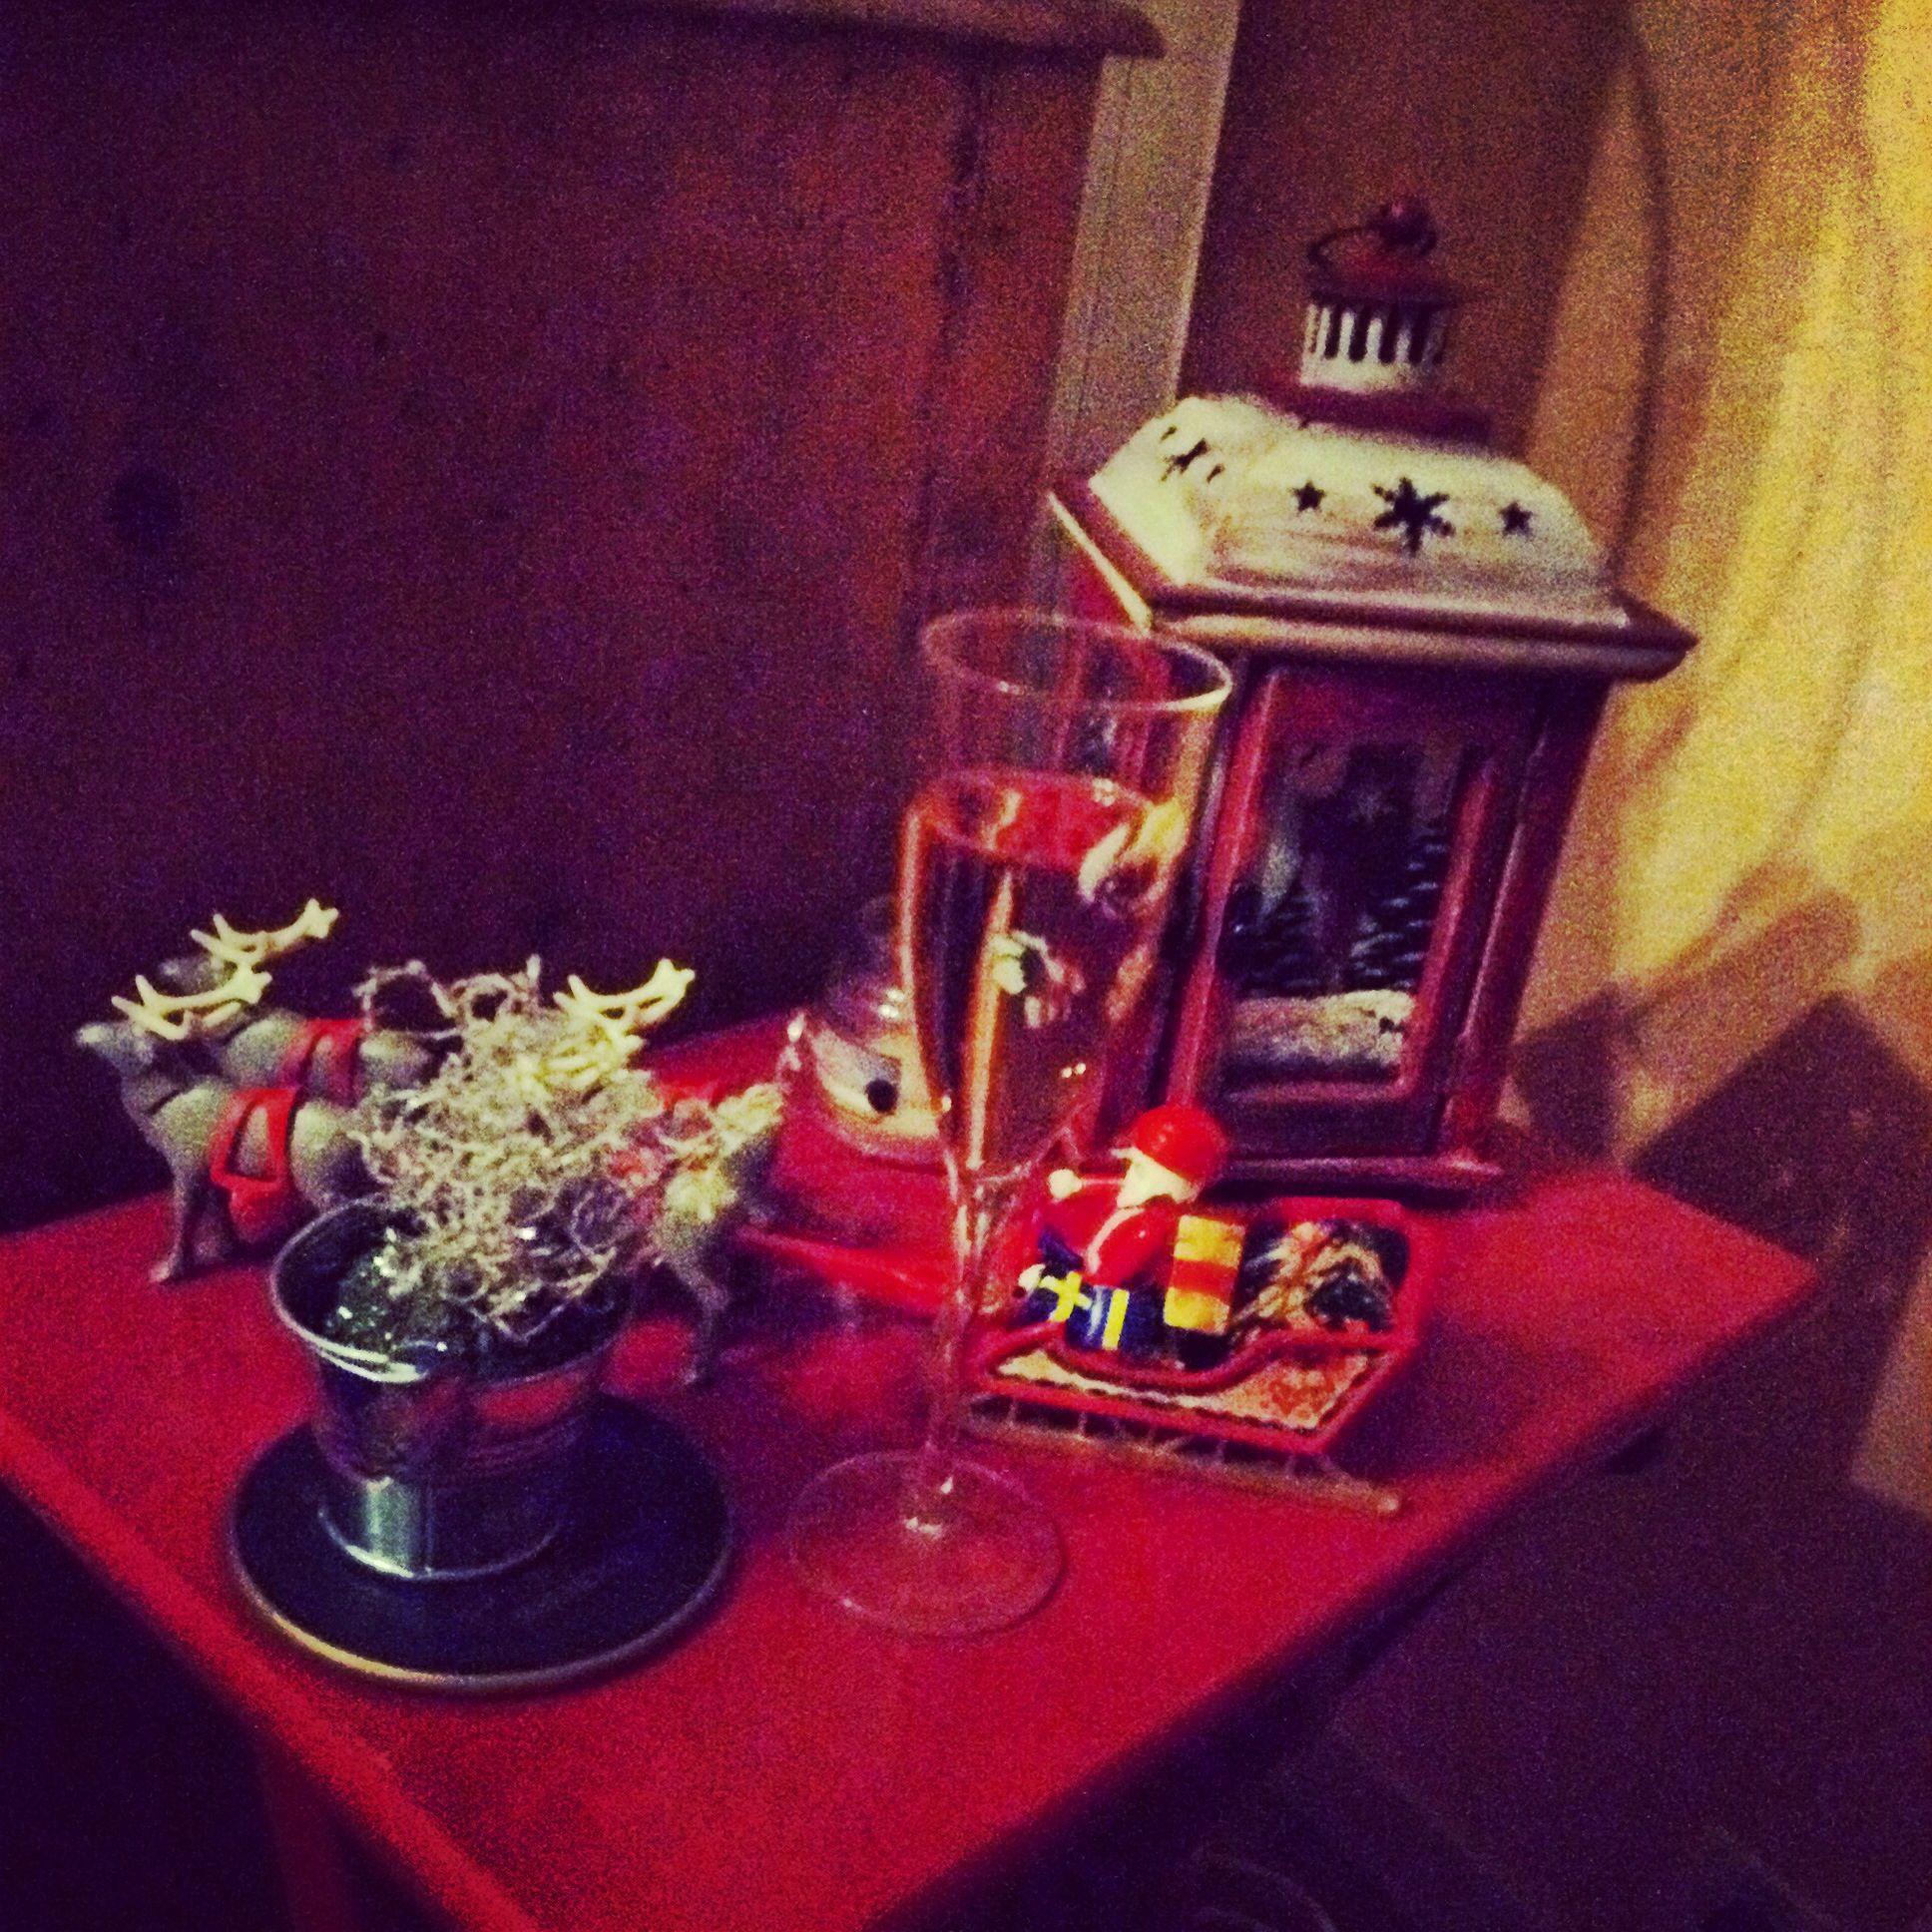 Champagne :p